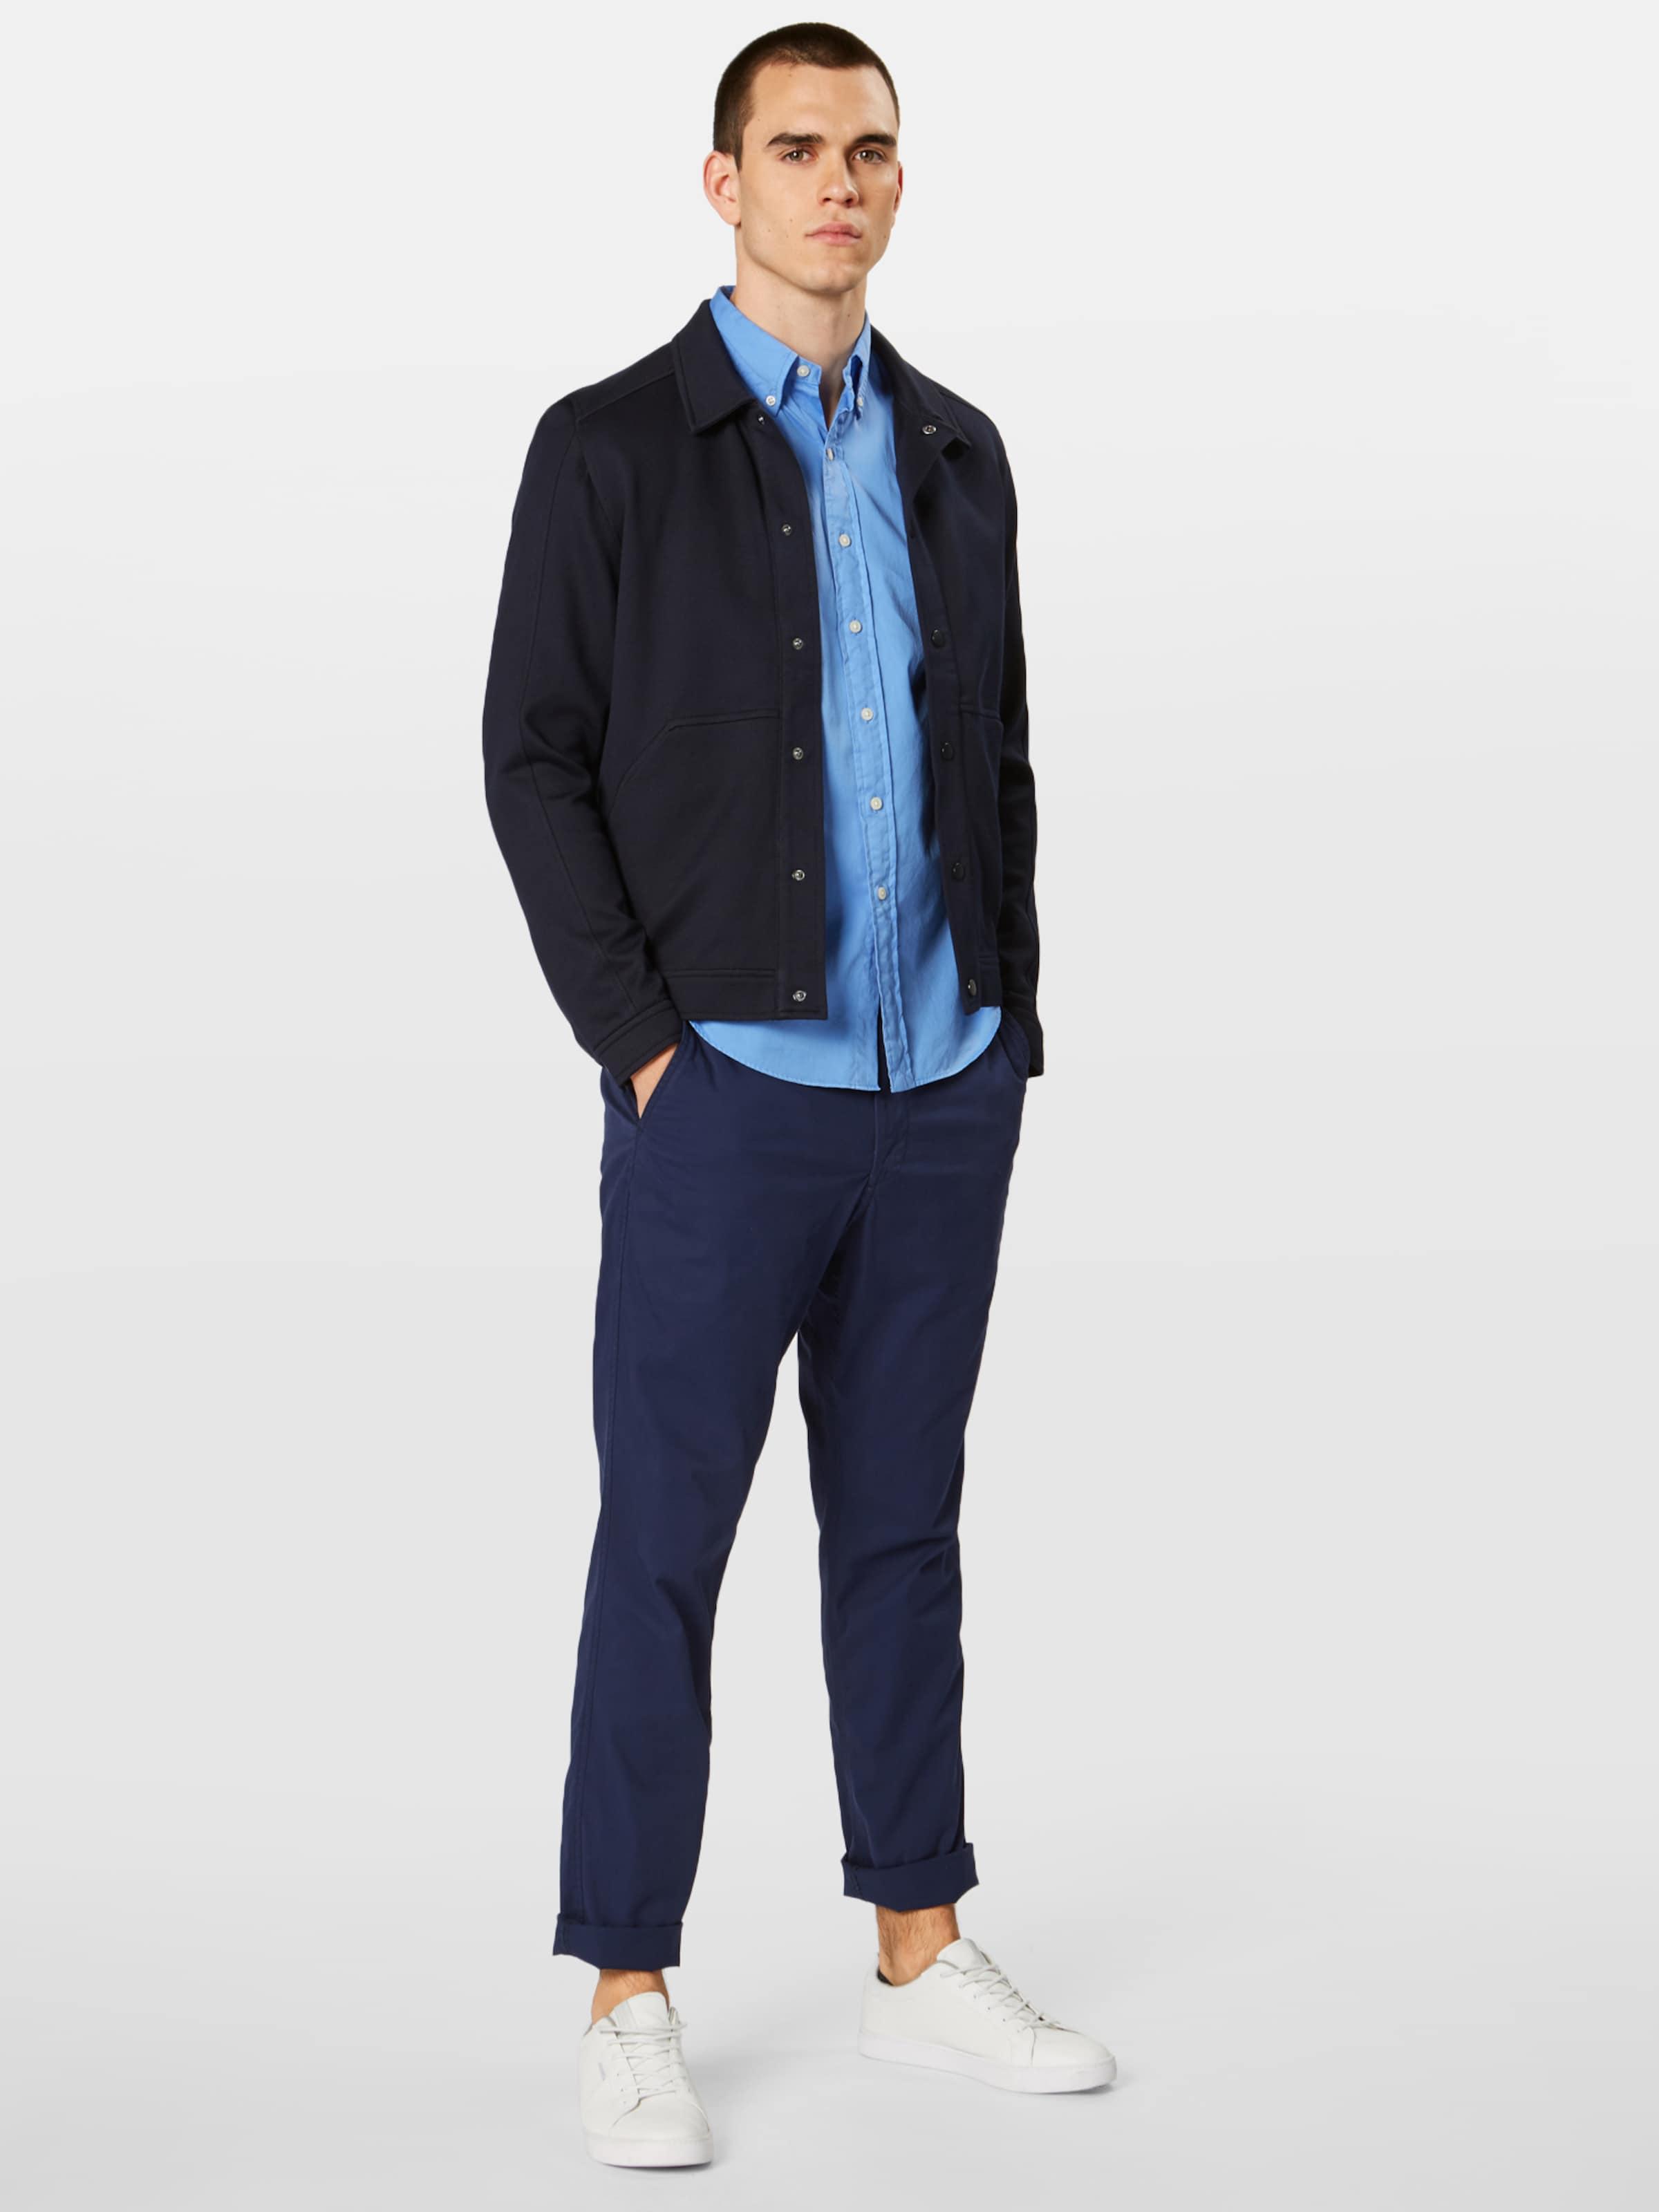 Chemise Polo En short Sleeve Bleu Ralph 'slbdppcsssp sport Lauren Shirt' WIEH2D9